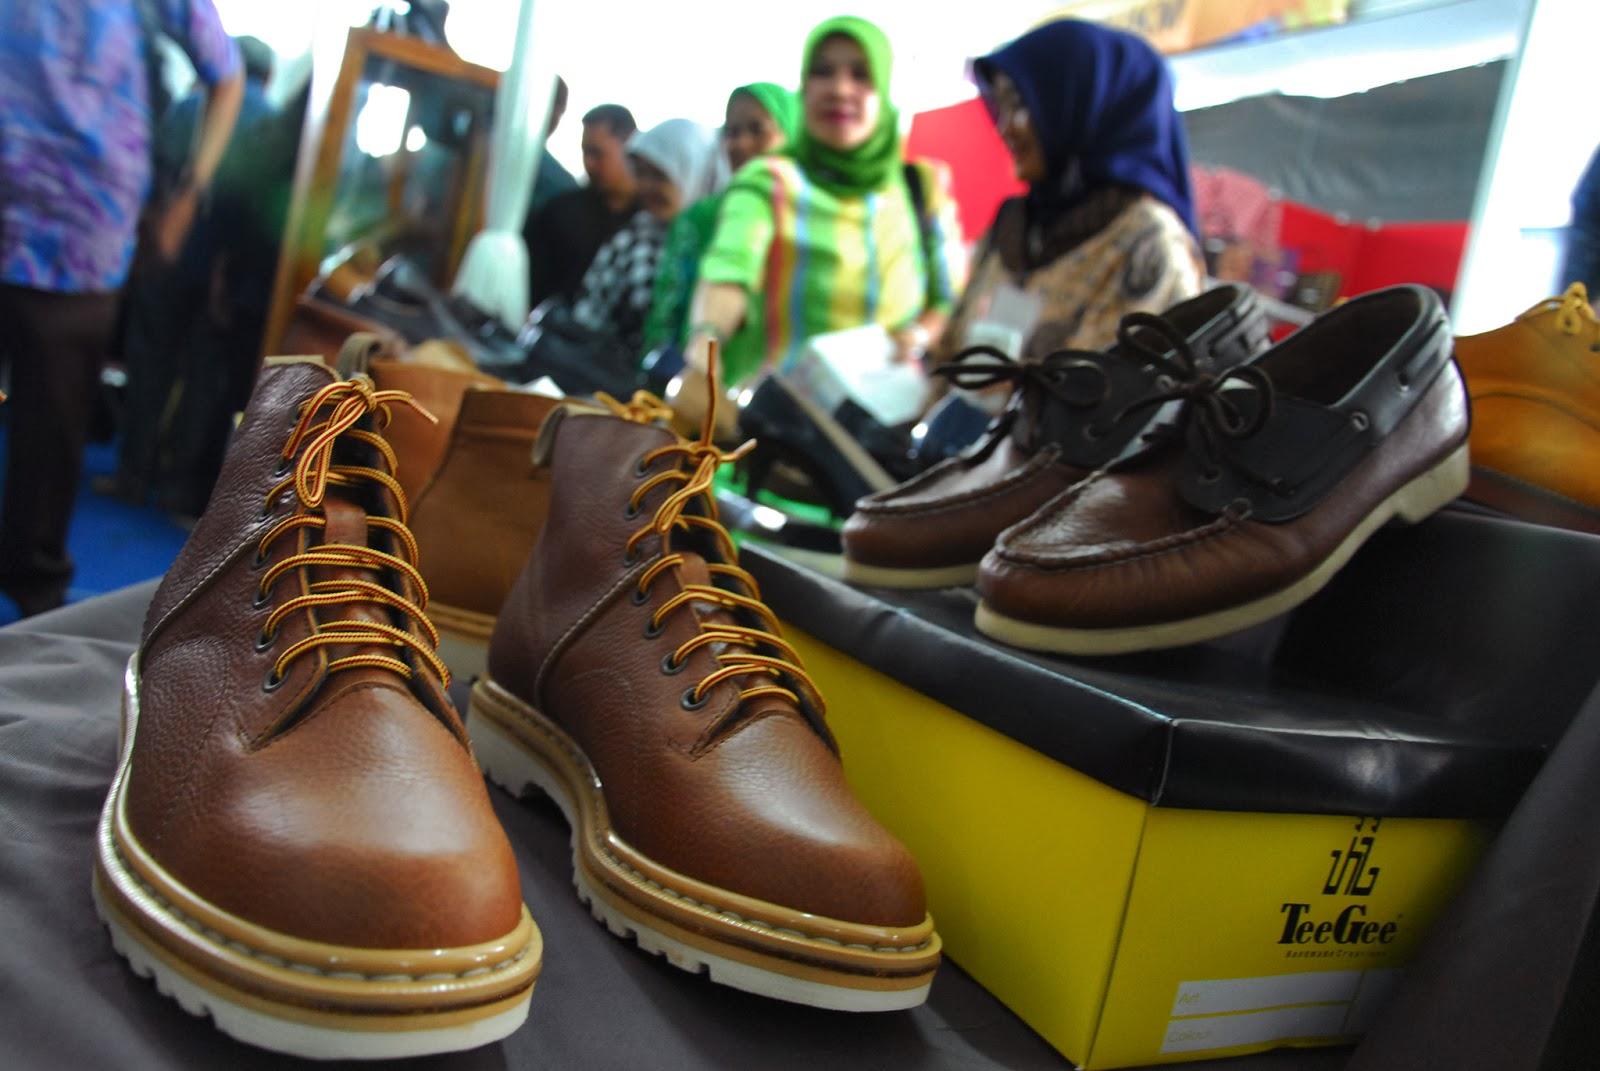 Inilah Tips yang Bisa Anda Terapkan Saat Membeli Sepatu Murah dengan Kualitas Bagus